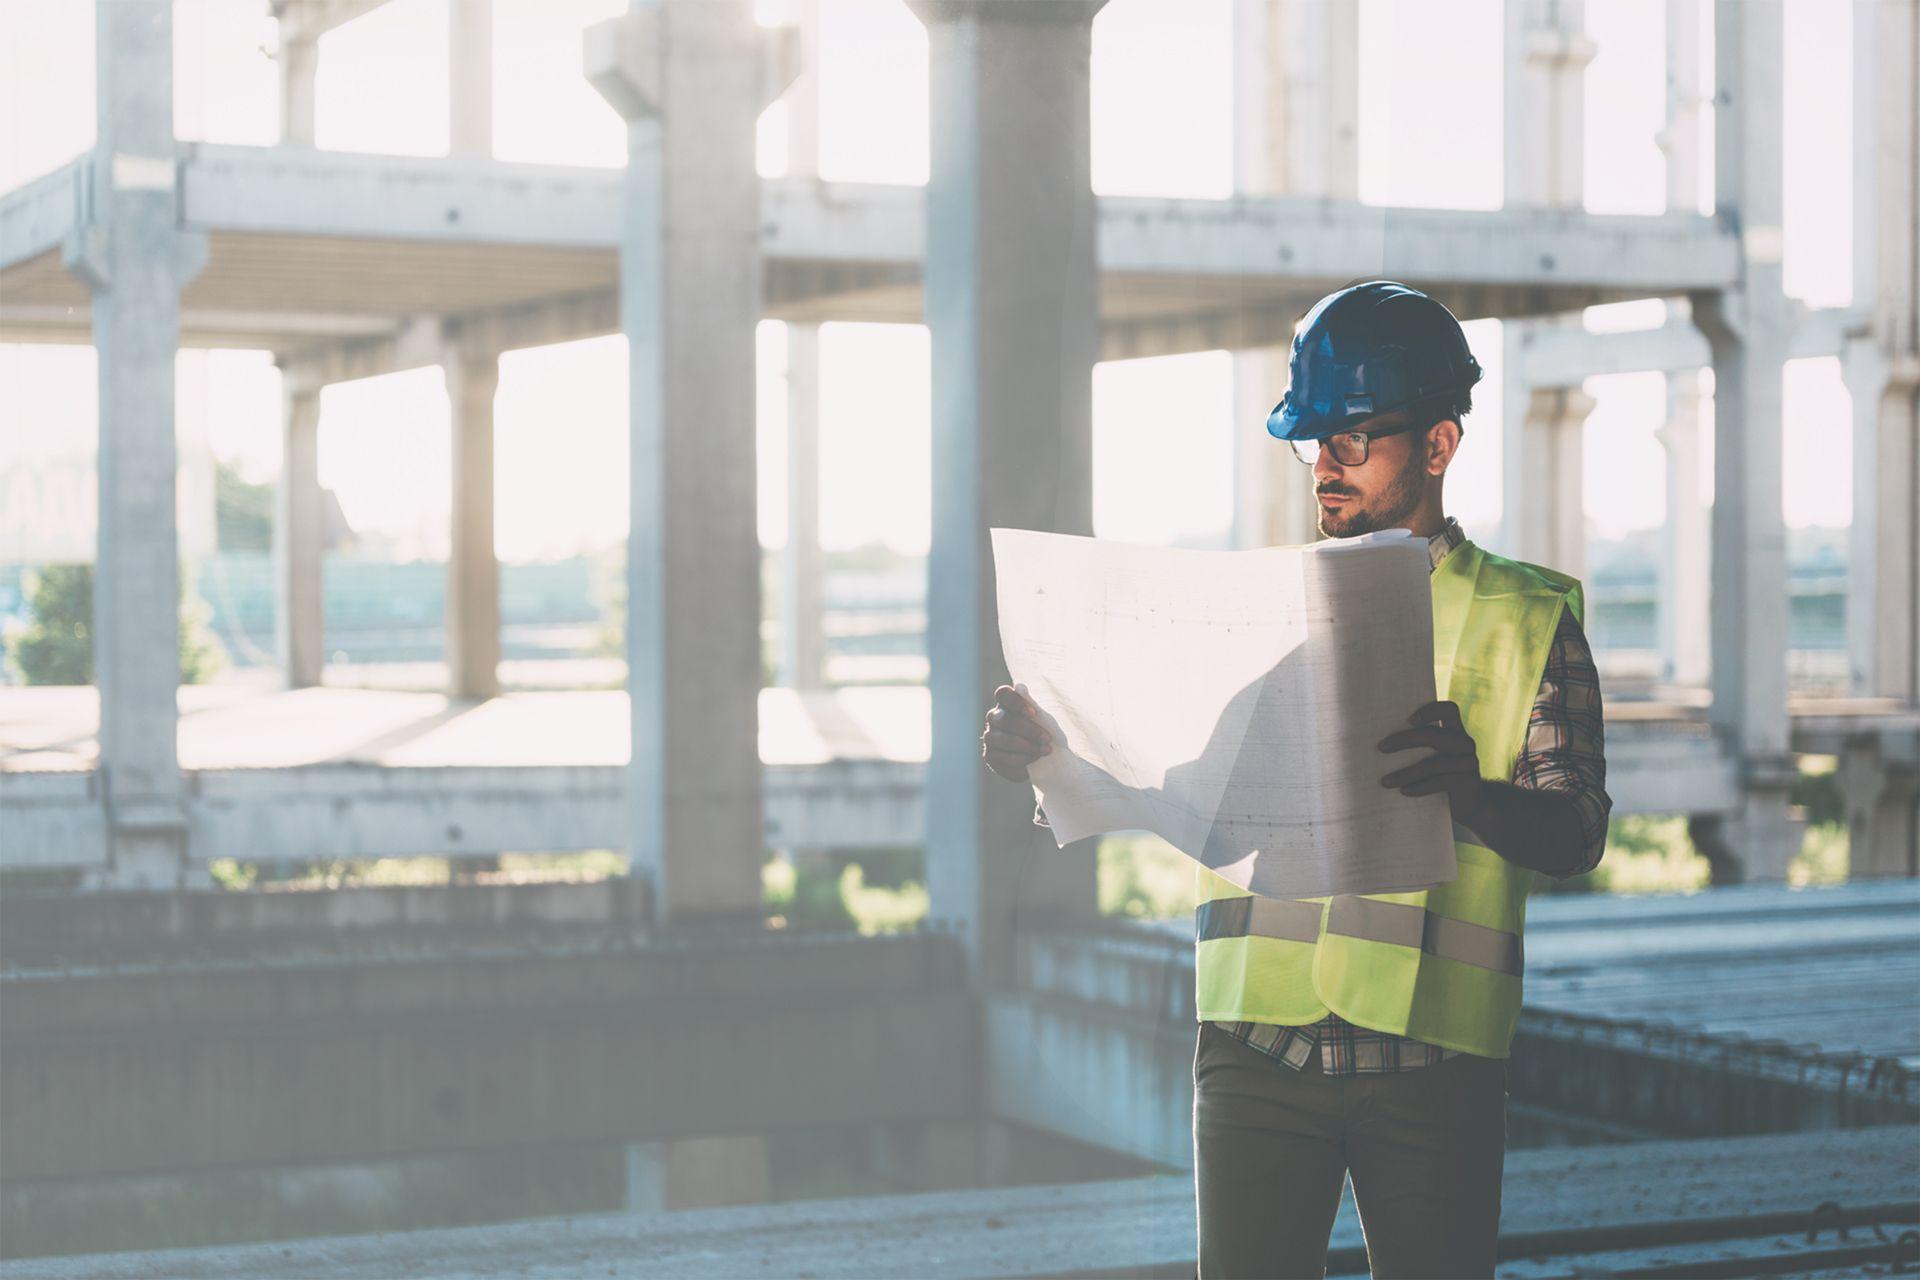 budowa, pracownik budowlany trzyma wręku plan budowy, pracownik wkasku iwżółtej kamizelce, mieszkanie +